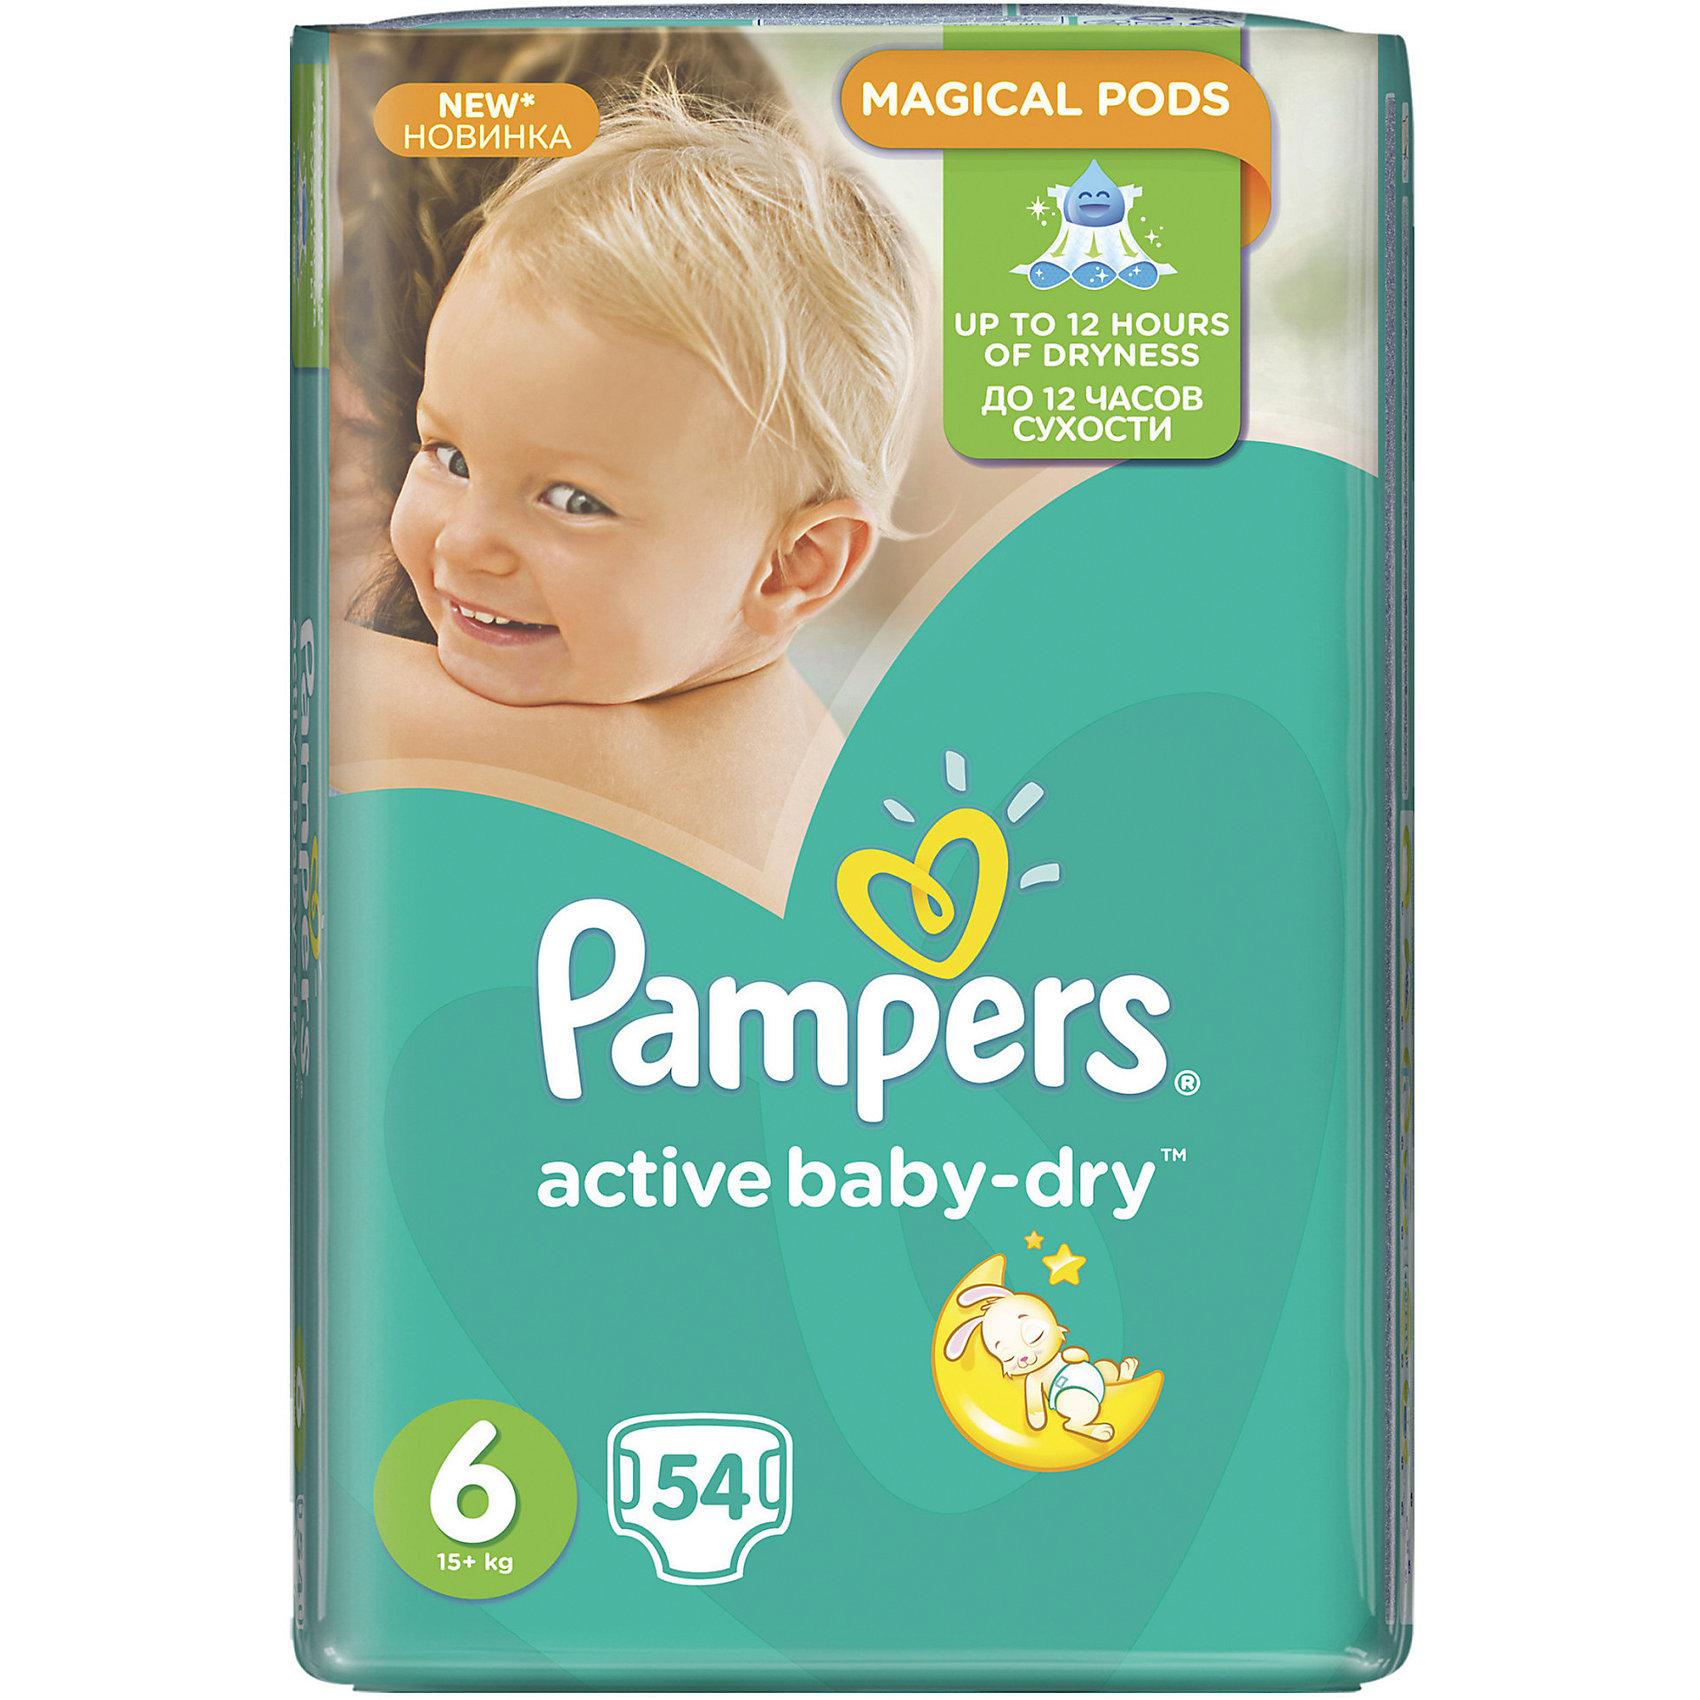 Подгузники Pampers Active Baby-Dry Extra Large, 15+ кг, 6 размер, 54 шт., PampersПодгузники классические<br>Характеристики:<br><br>• Пол: универсальный<br>• Тип подгузника: одноразовый<br>• Коллекция: Active Baby-Dry<br>• Предназначение: для использования в любое время суток <br>• Размер: 6<br>• Вес ребенка: 15+ кг<br>• Количество в упаковке: 54 шт.<br>• Упаковка: пакет<br>• Размер упаковки: 46,5*12,5*25,6 см<br>• Вес в упаковке: 2 кг 269 г<br>• Эластичные застежки-липучки<br>• Быстро впитывающий слой<br>• Мягкий верхний слой<br>• Сохранение сухости в течение 12-ти часов<br><br>Подгузники Pampers Active Baby-Dry, 15+ кг, 6 размер, 54 шт., Pampers – это линейка классических детских подгузников от Pampers, которая сочетает в себе качество и безопасность материалов, удобство использования и комфорт для нежной кожи малыша. Подгузники предназначены для детей весом до 18 кг. Инновационные технологии и современные материалы обеспечивают этим подгузникам Дышащие свойства, что особенно важно для кожи малыша. <br><br>Впитывающие свойства изделию обеспечивает уникальный слой, состоящий из жемчужных микрогранул. У подгузников предусмотрена эластичная мягкая резиночка на спинке. Широкие липучки с двух сторон обеспечивают надежную фиксацию. Подгузник имеет мягкий верхний слой, который обеспечивает не только комфорт, но и защищает кожу ребенка от раздражений. Подгузник подходит как для мальчиков, так и для девочек. <br><br>Подгузники Pampers Active Baby-Dry, 15+ кг, 6 размер, 54 шт., Pampers можно купить в нашем интернет-магазине.<br><br>Ширина мм: 465<br>Глубина мм: 125<br>Высота мм: 253<br>Вес г: 2269<br>Возраст от месяцев: 24<br>Возраст до месяцев: 36<br>Пол: Унисекс<br>Возраст: Детский<br>SKU: 5516305